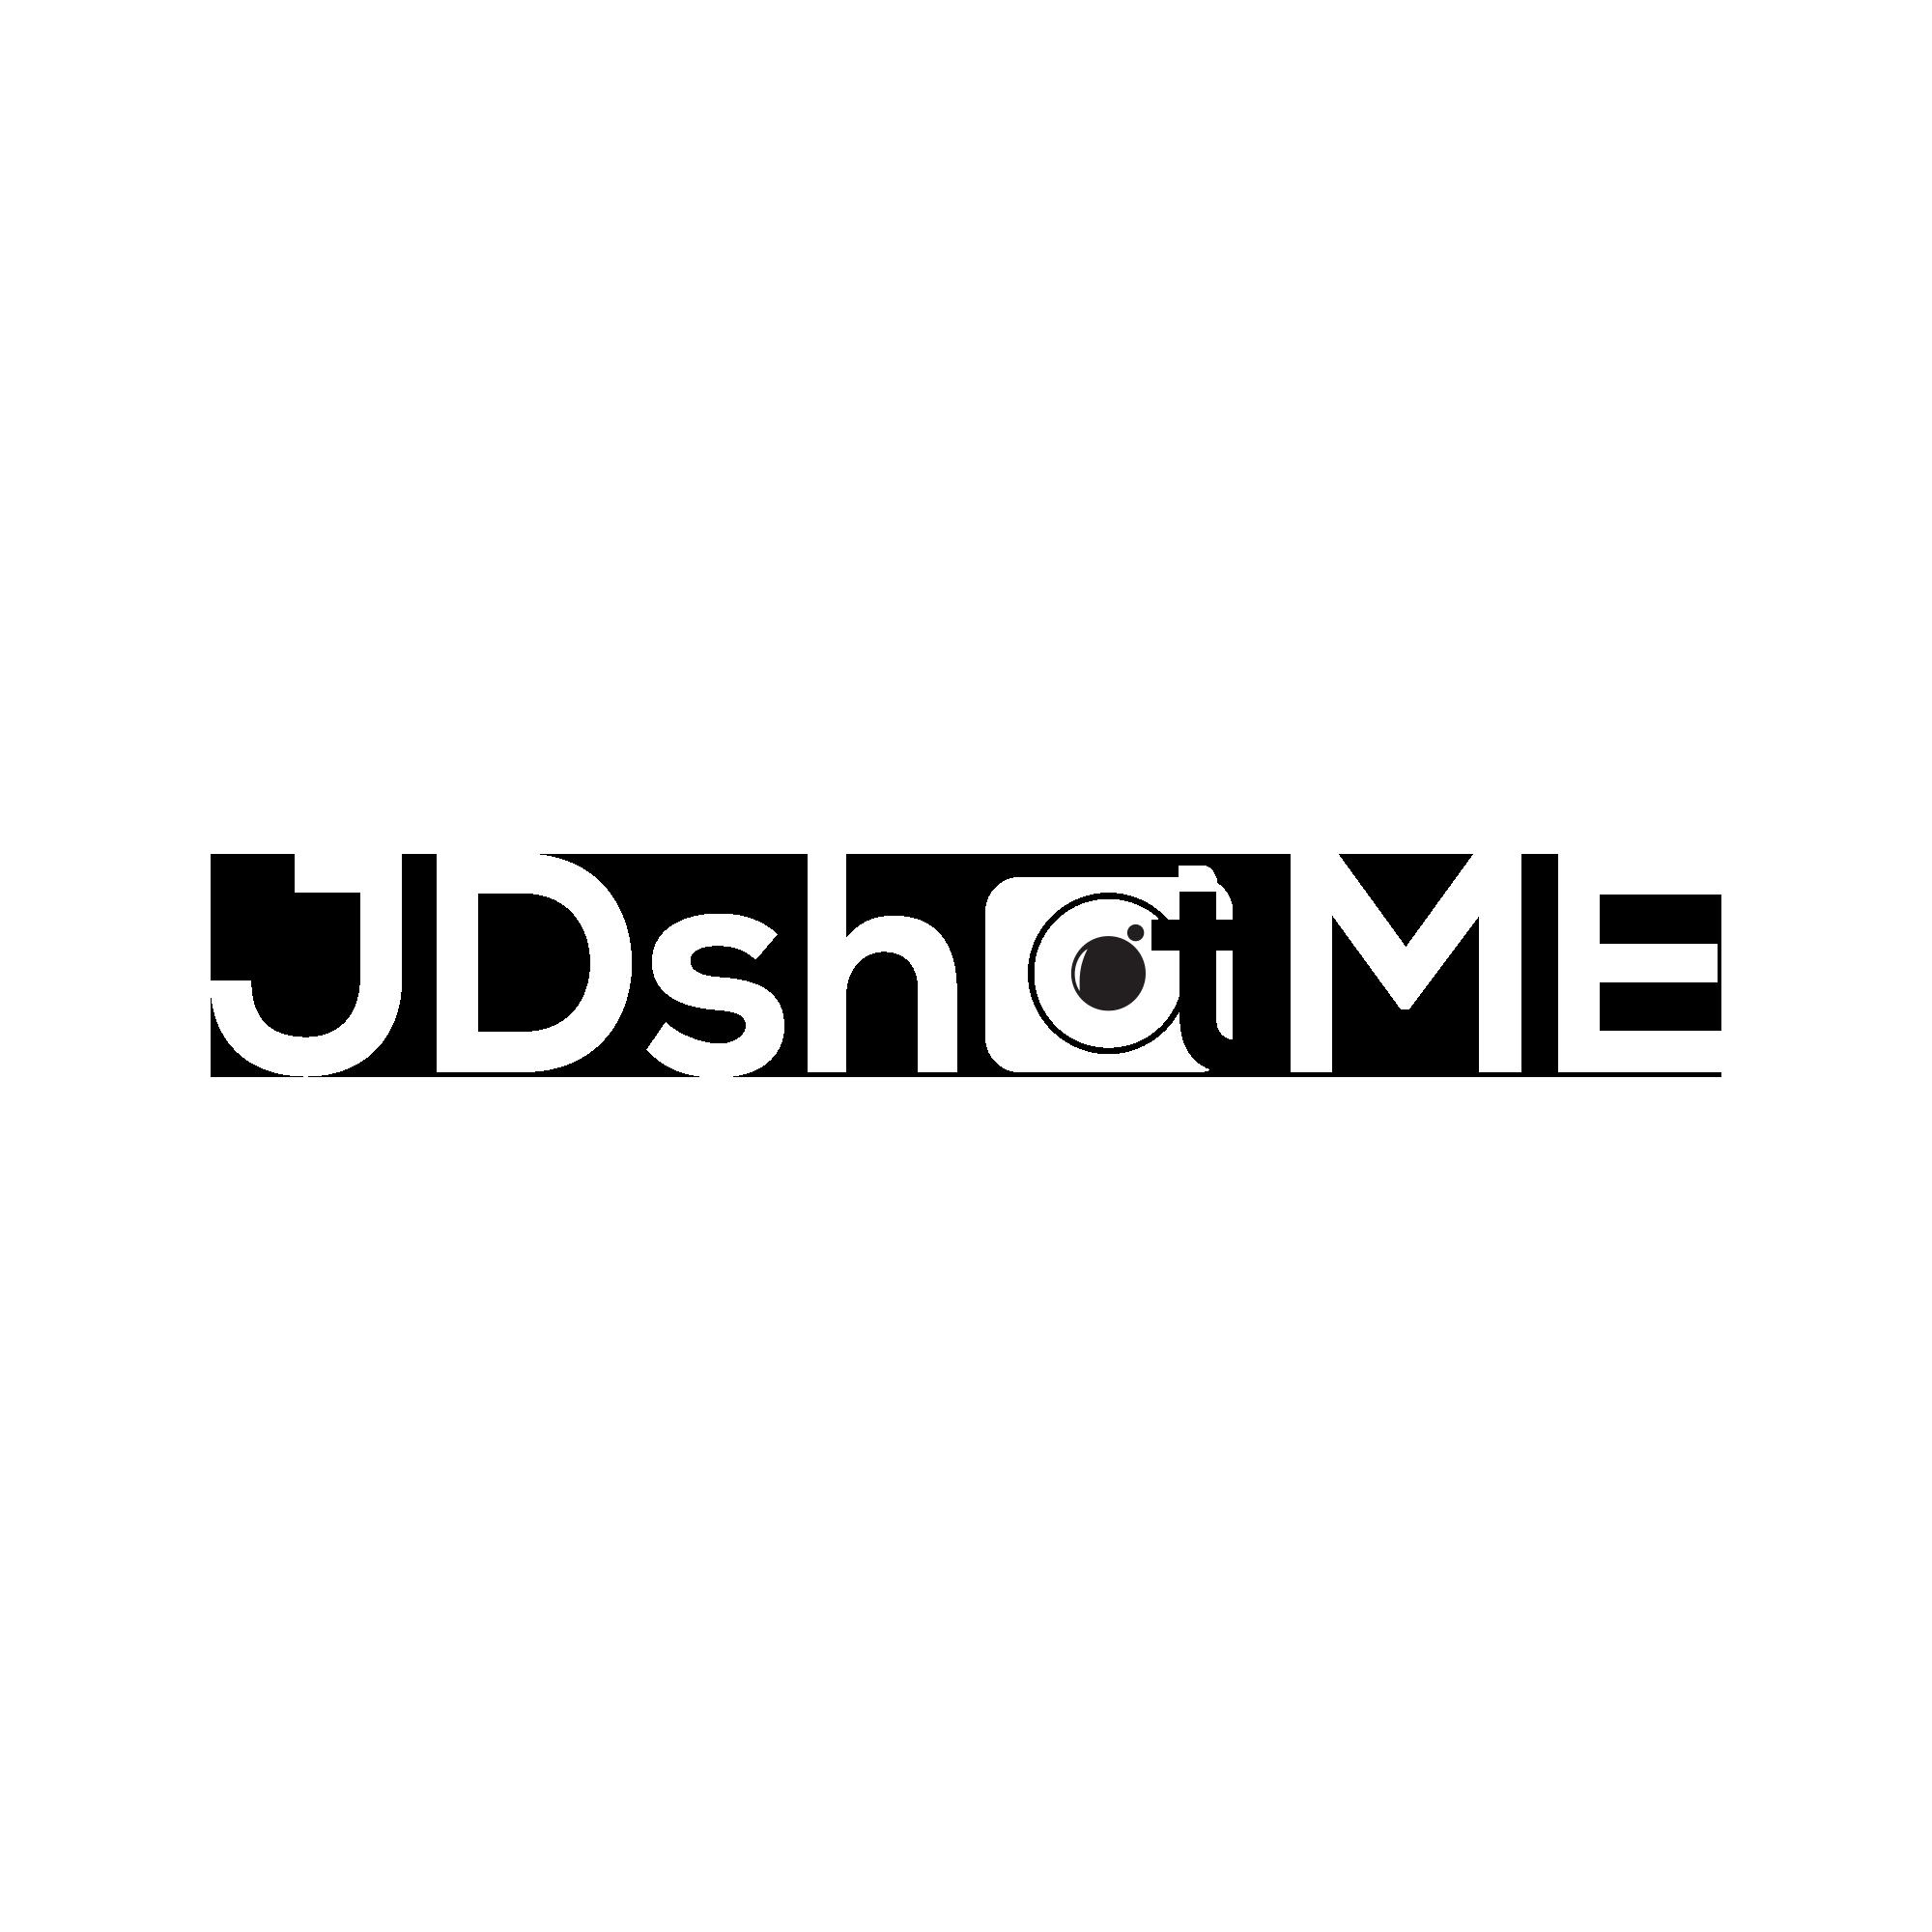 JDShoMe